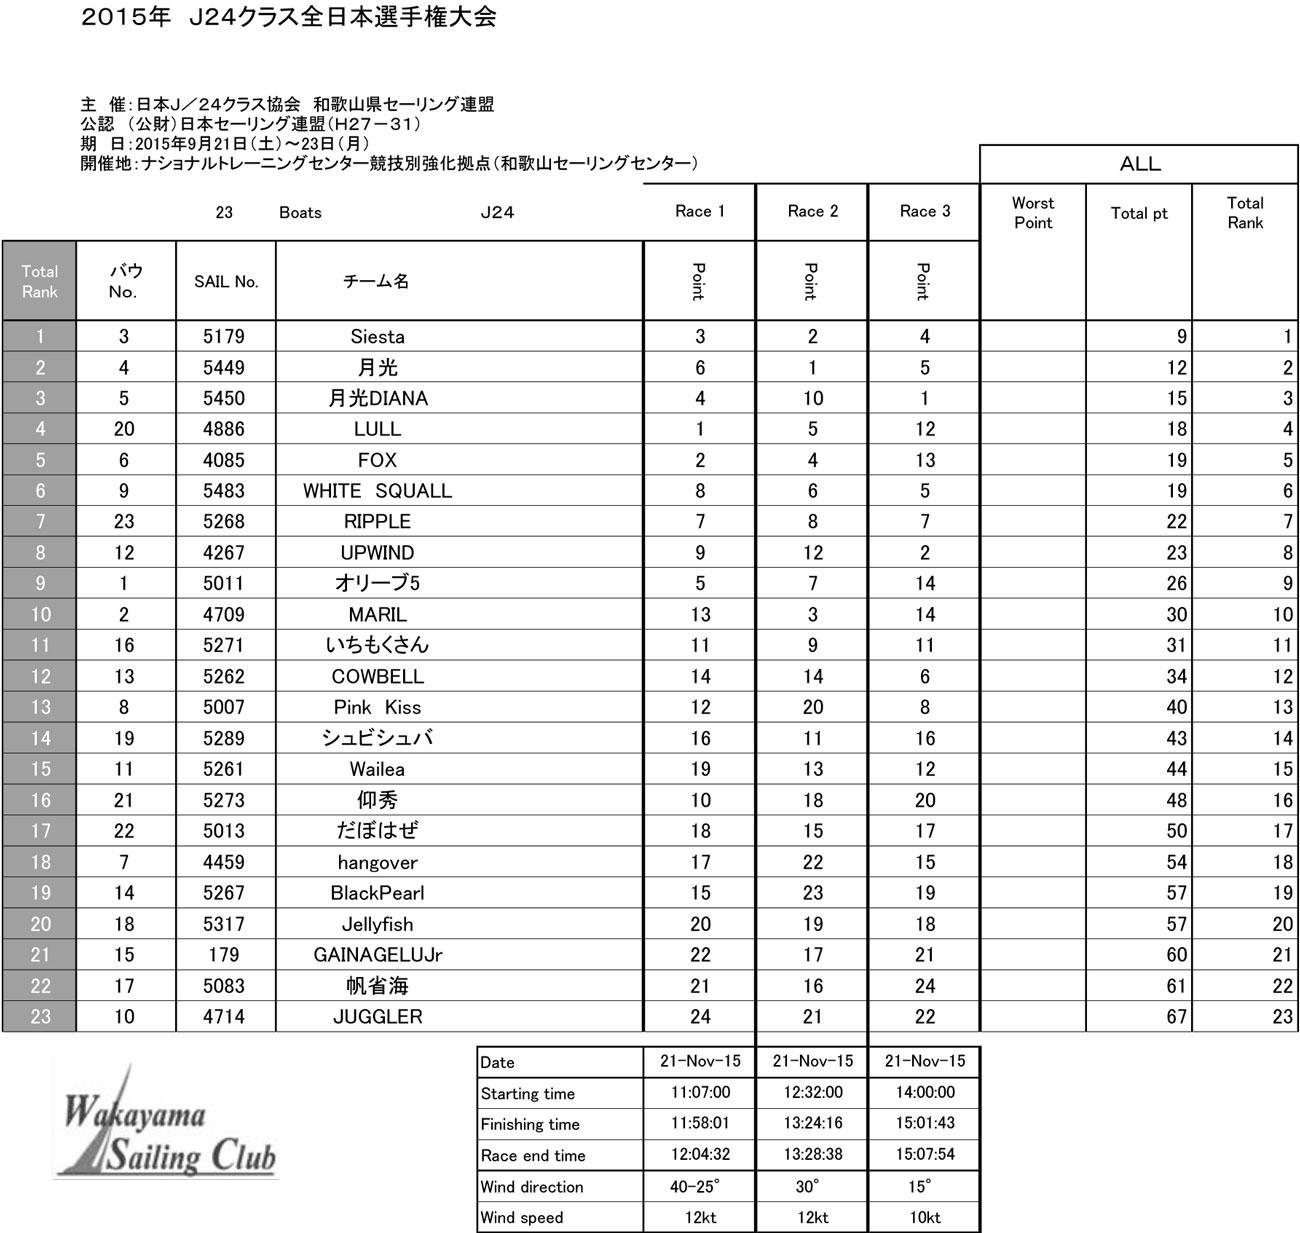 15.11.21_2015J24_All-Japan_result